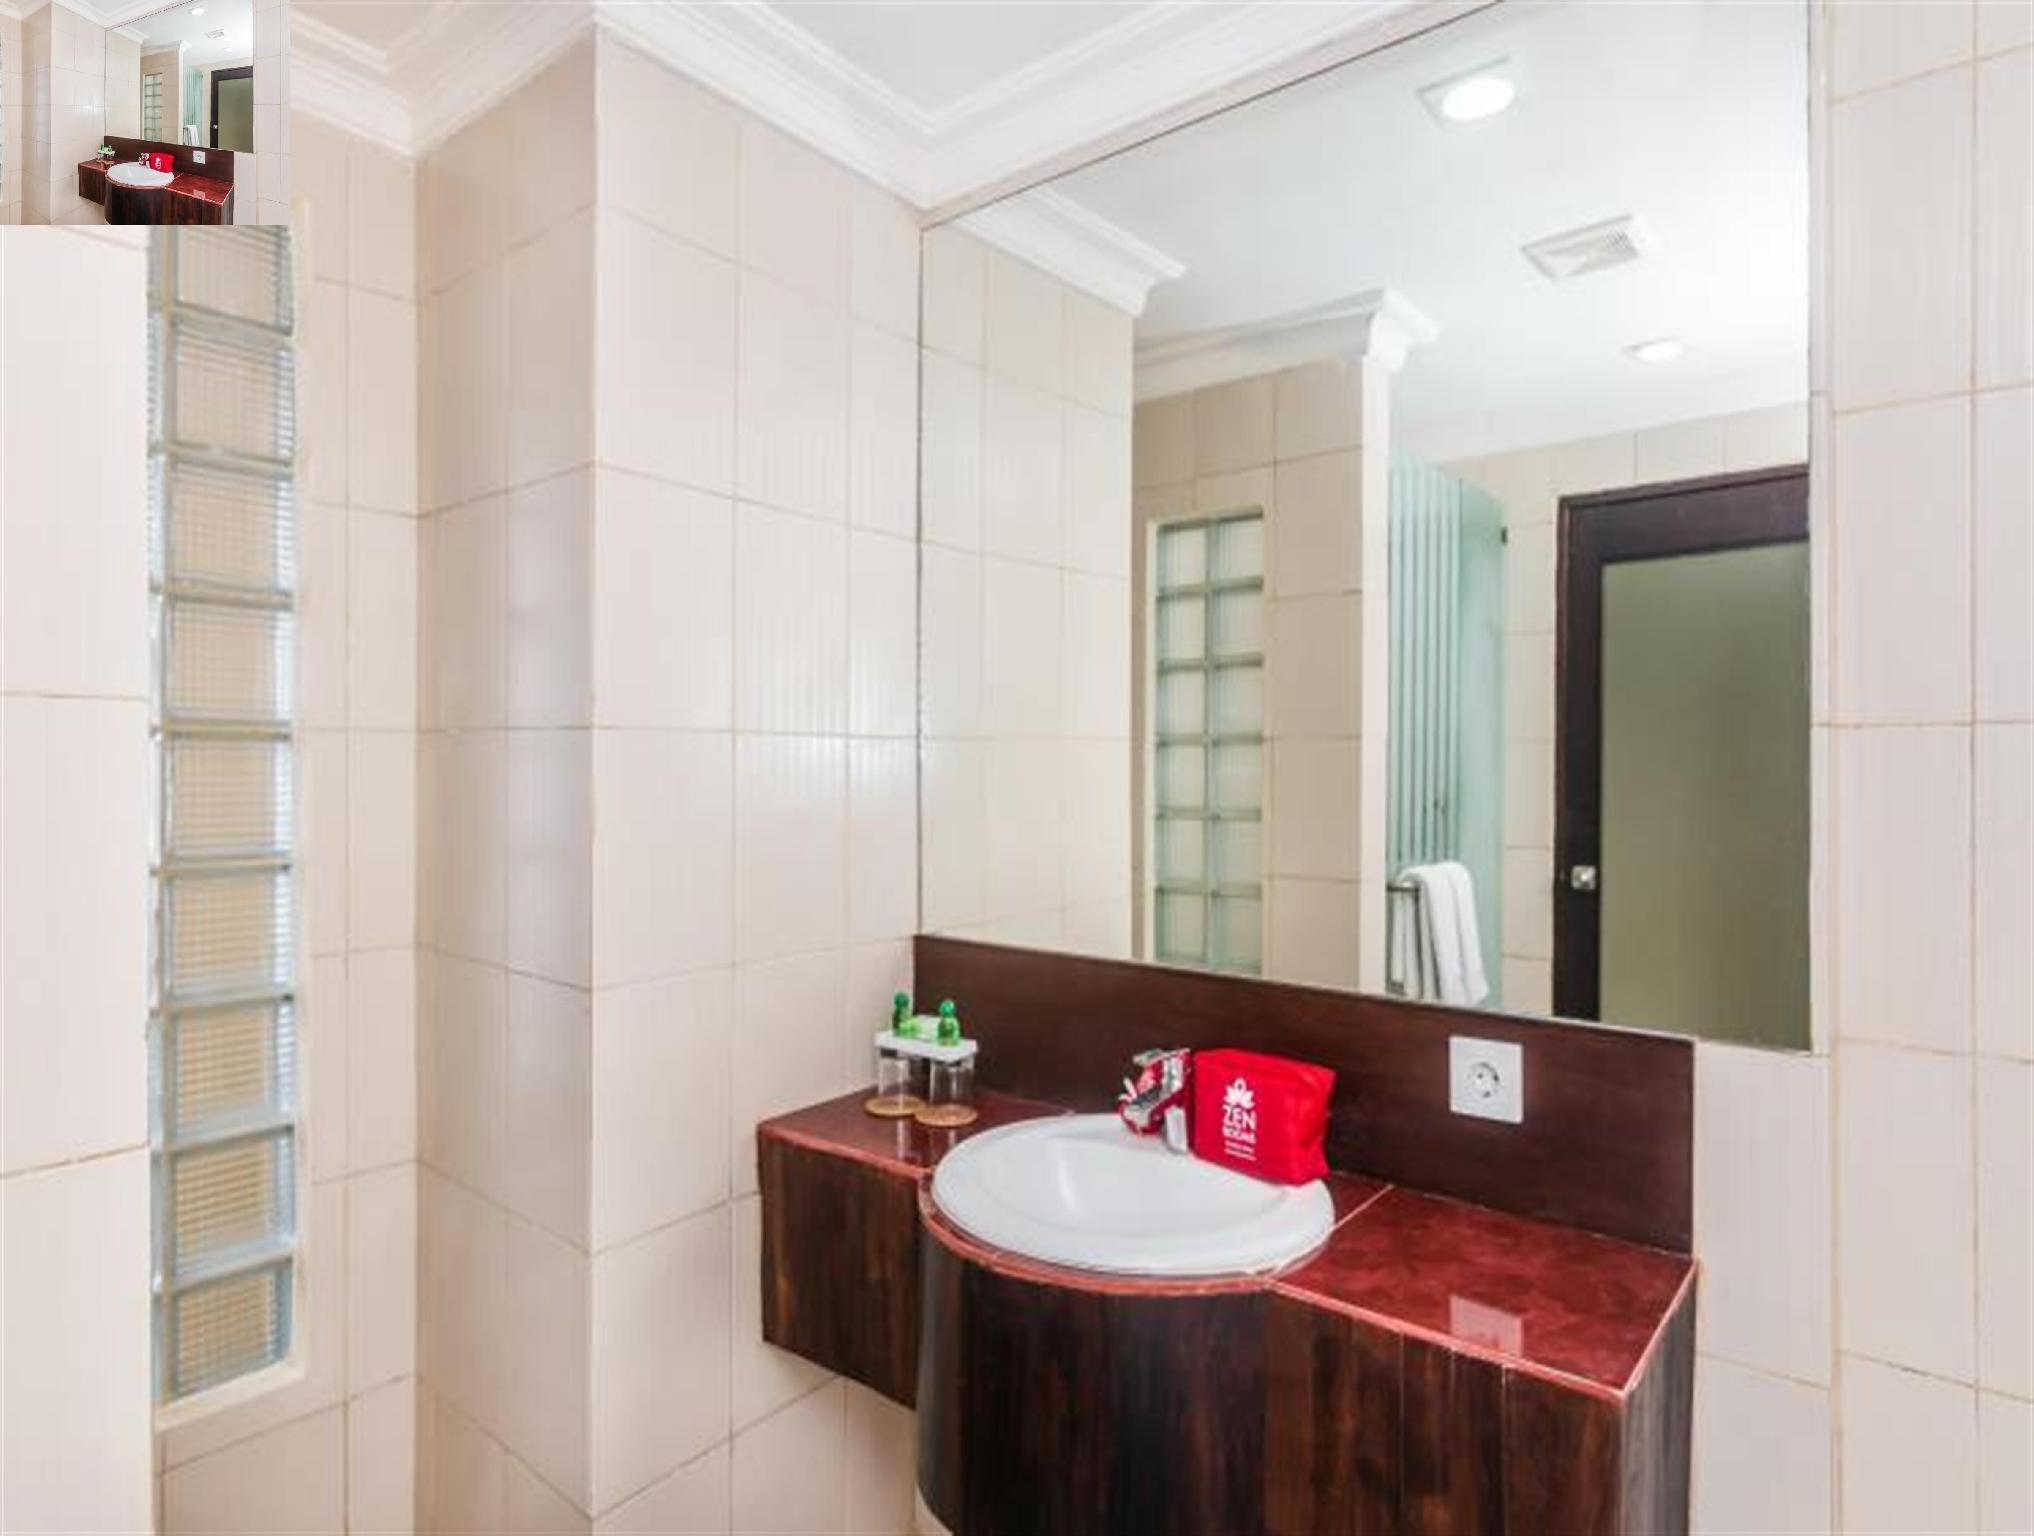 Hotel ZenRooms Legian Melasti - Located in Champlung Mas Hotel, Jl. Lebak Bene Legian, Bali 80361, Indonesia  - Bali